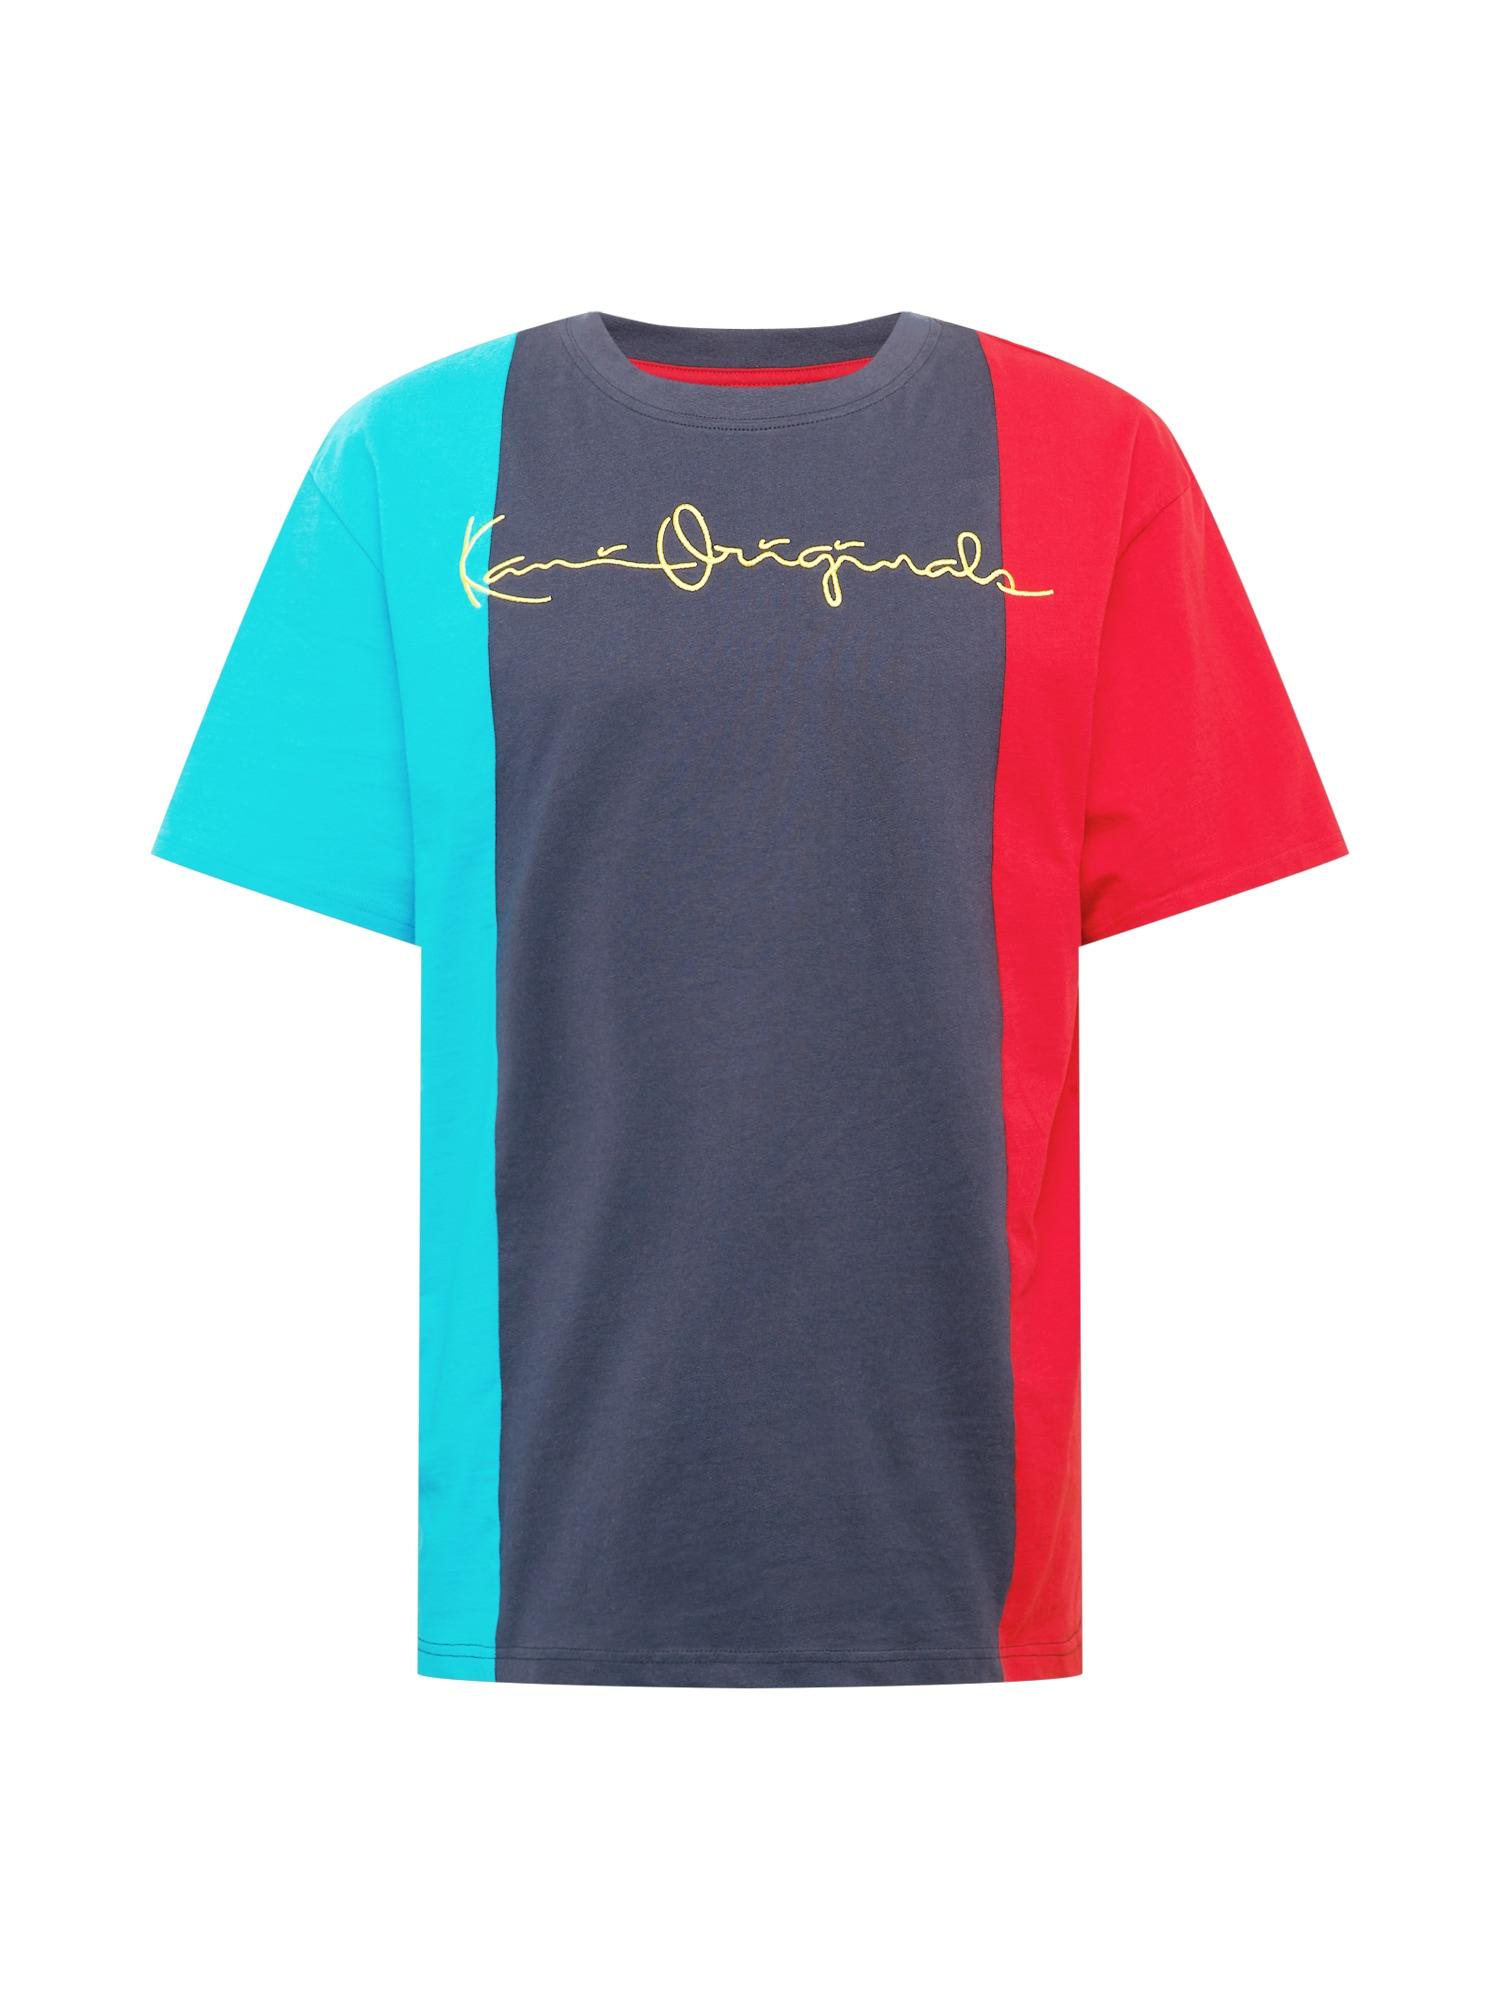 Karl Kani Marškinėliai tamsiai mėlyna / turkio spalva / raudona